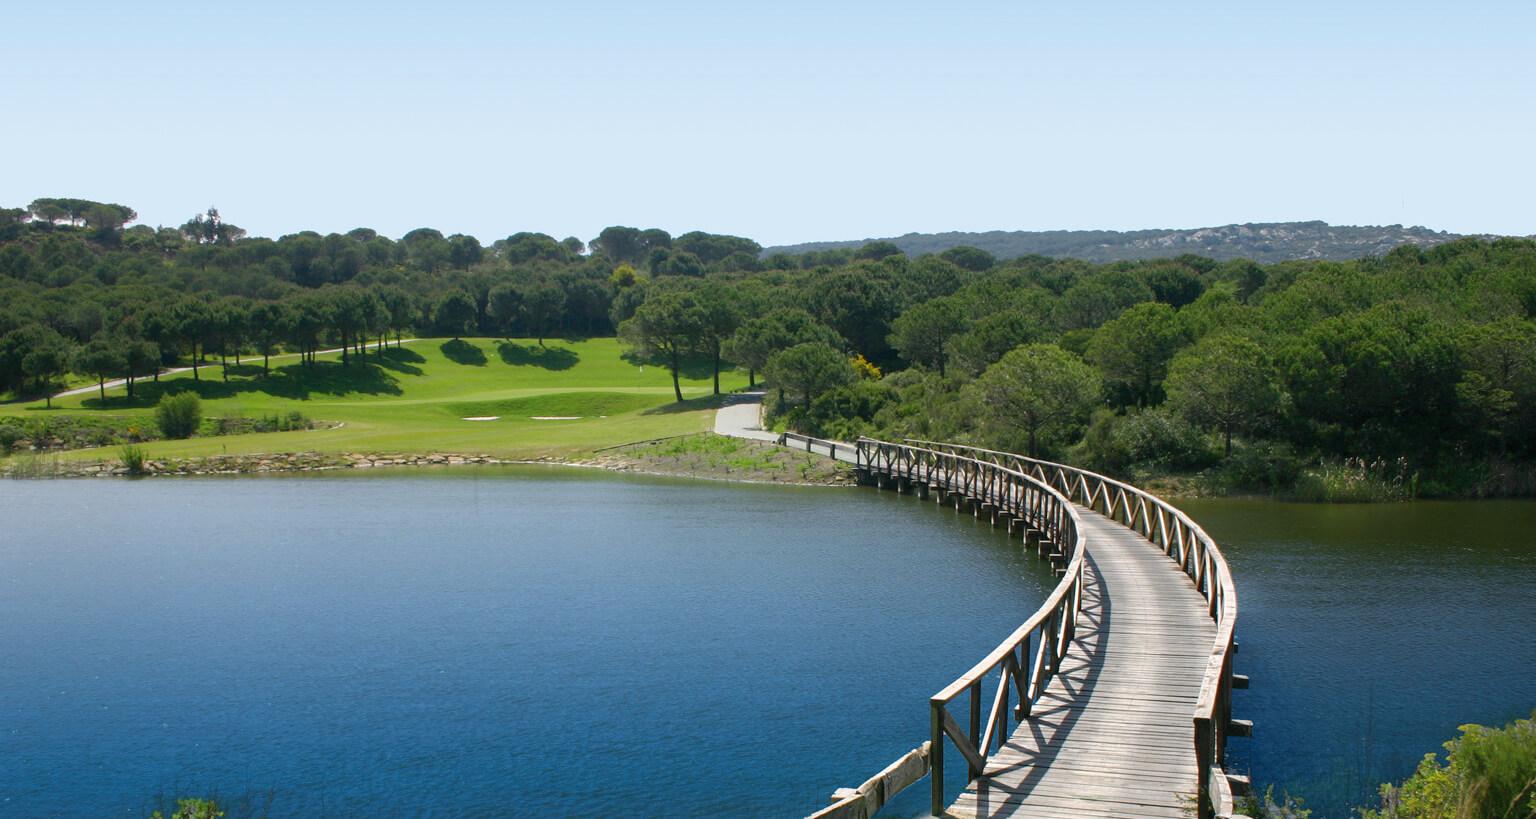 Almenara Golf Club Sotogrande